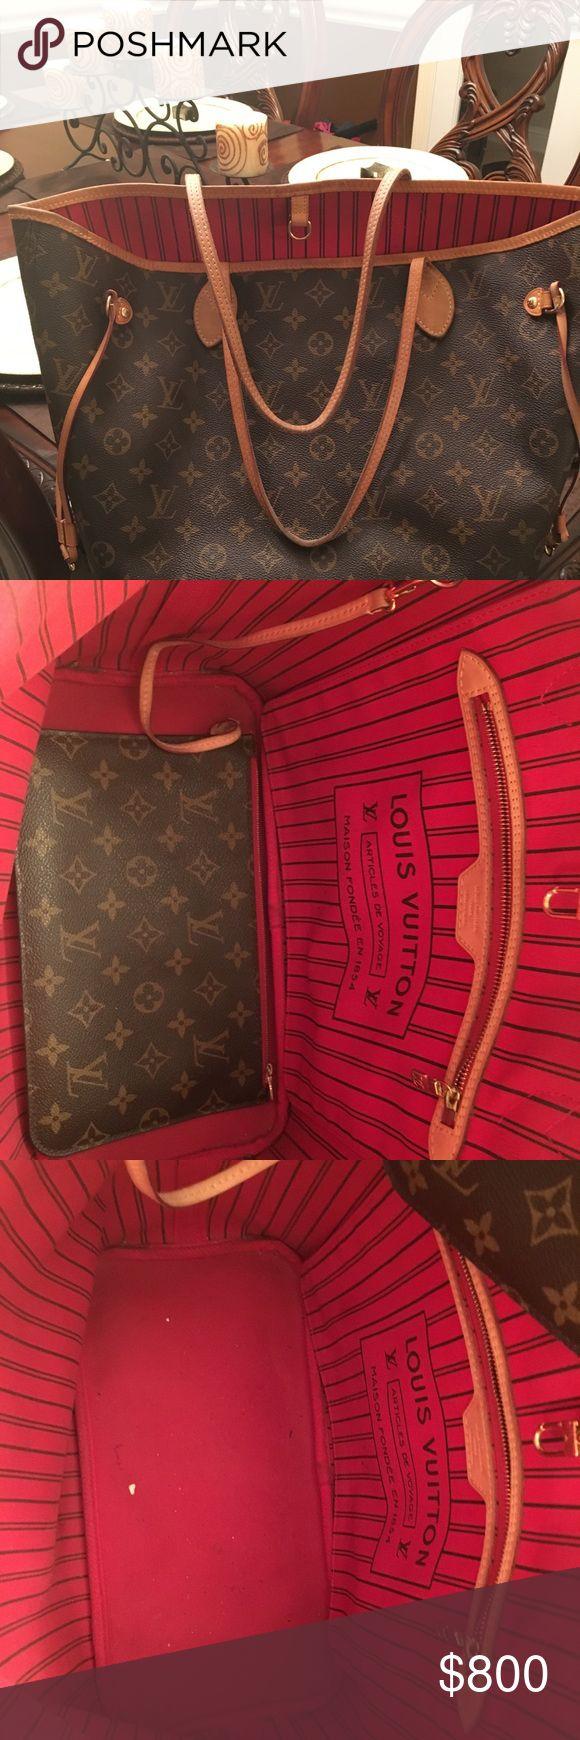 Louis Vuitton Used Louis Vuitton Authentic Louis Vuitton Bags Totes